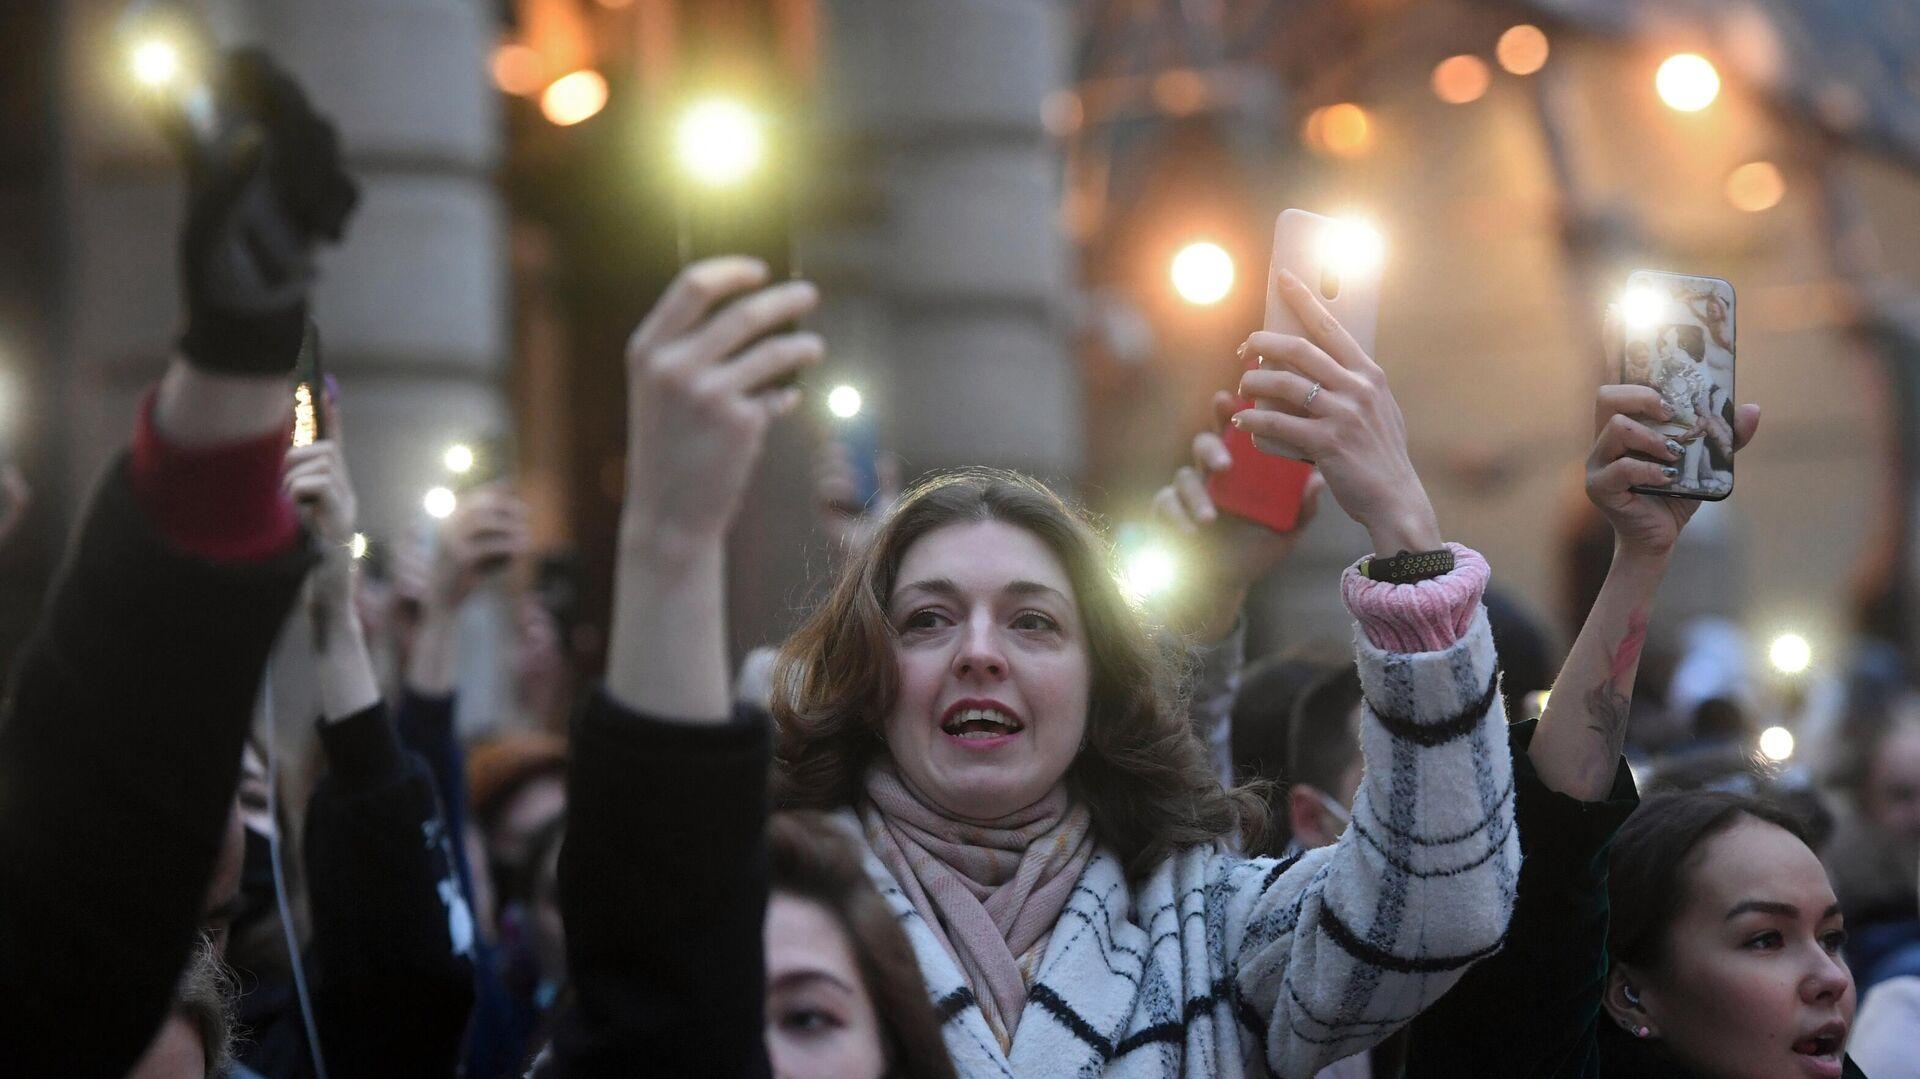 Участники несанкционированной акции в поддержку Алексея Навального держат смартфоны с включенными фонариками в Москве - РИА Новости, 1920, 22.04.2021